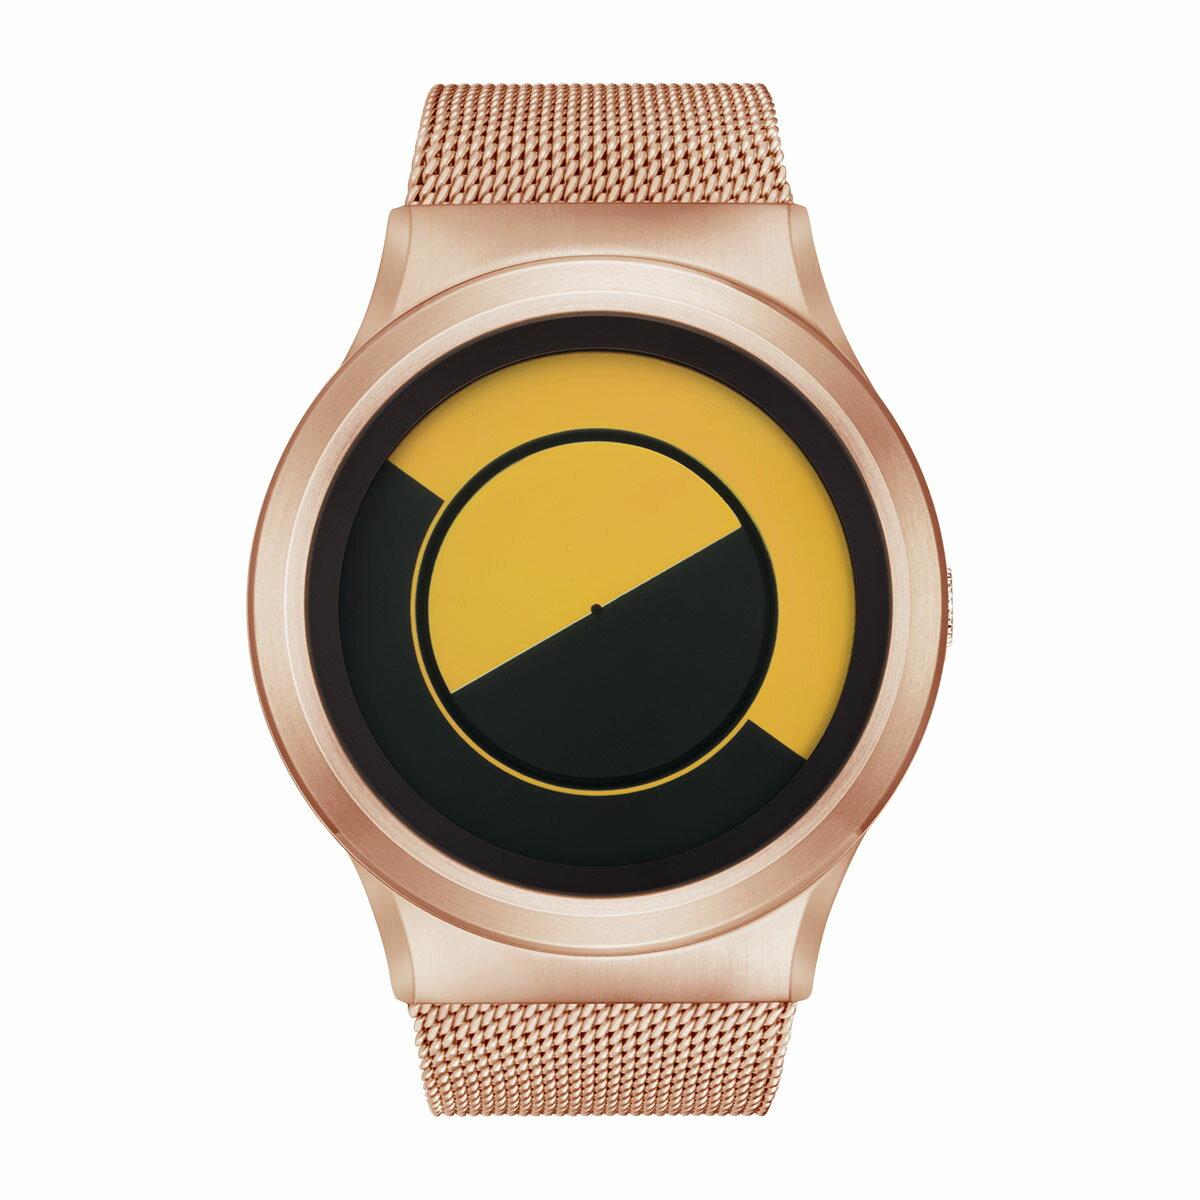 ZEROO QUARTER MOON ゼロ 電池式クォーツ 腕時計 [W08034B05SM05] イエロー デザインウォッチ ペア用 メンズ レディース ユニセックス おしゃれ時計 デザイナーズ